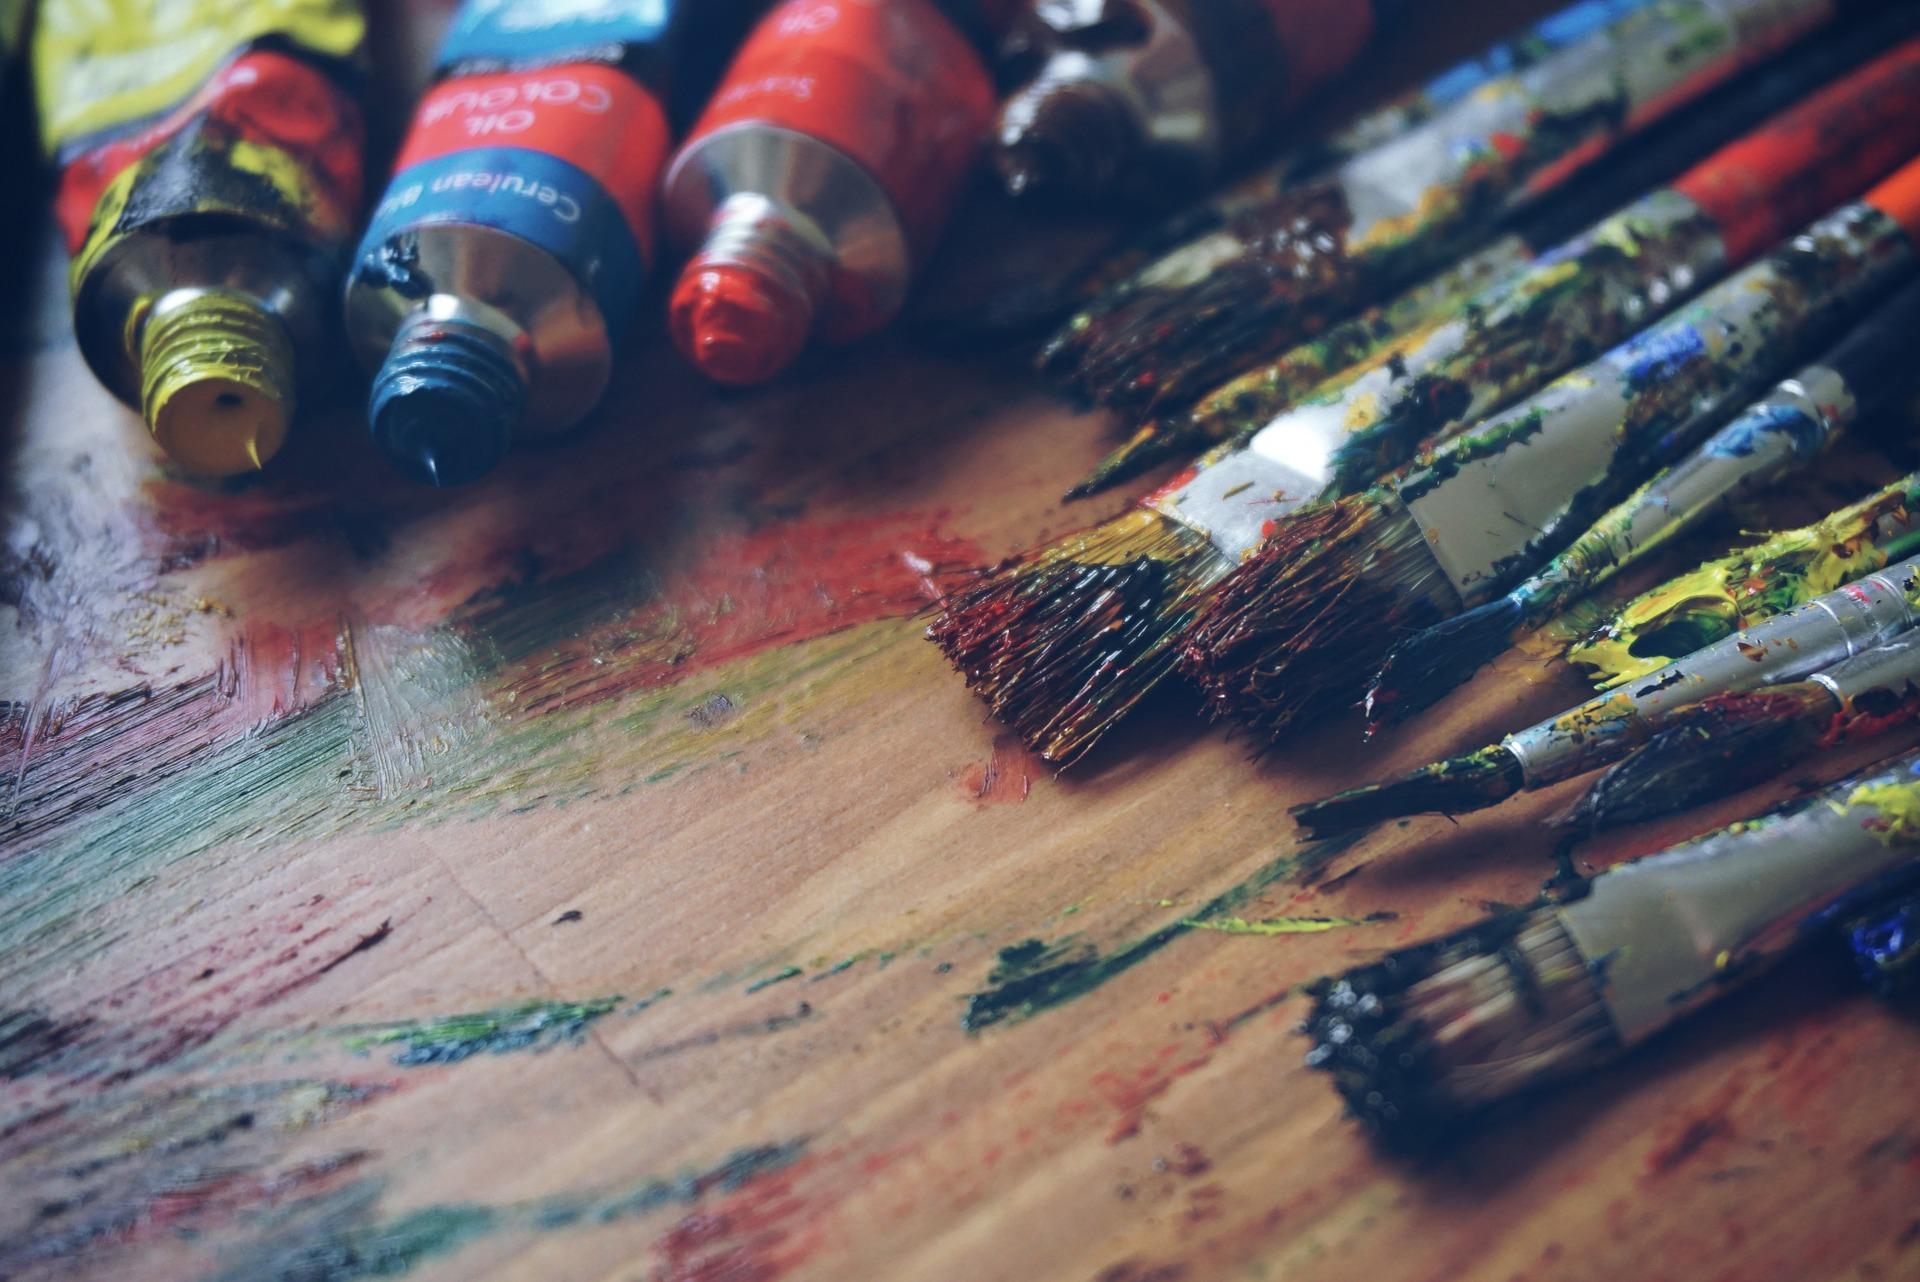 Malarstwo dla dorosłych